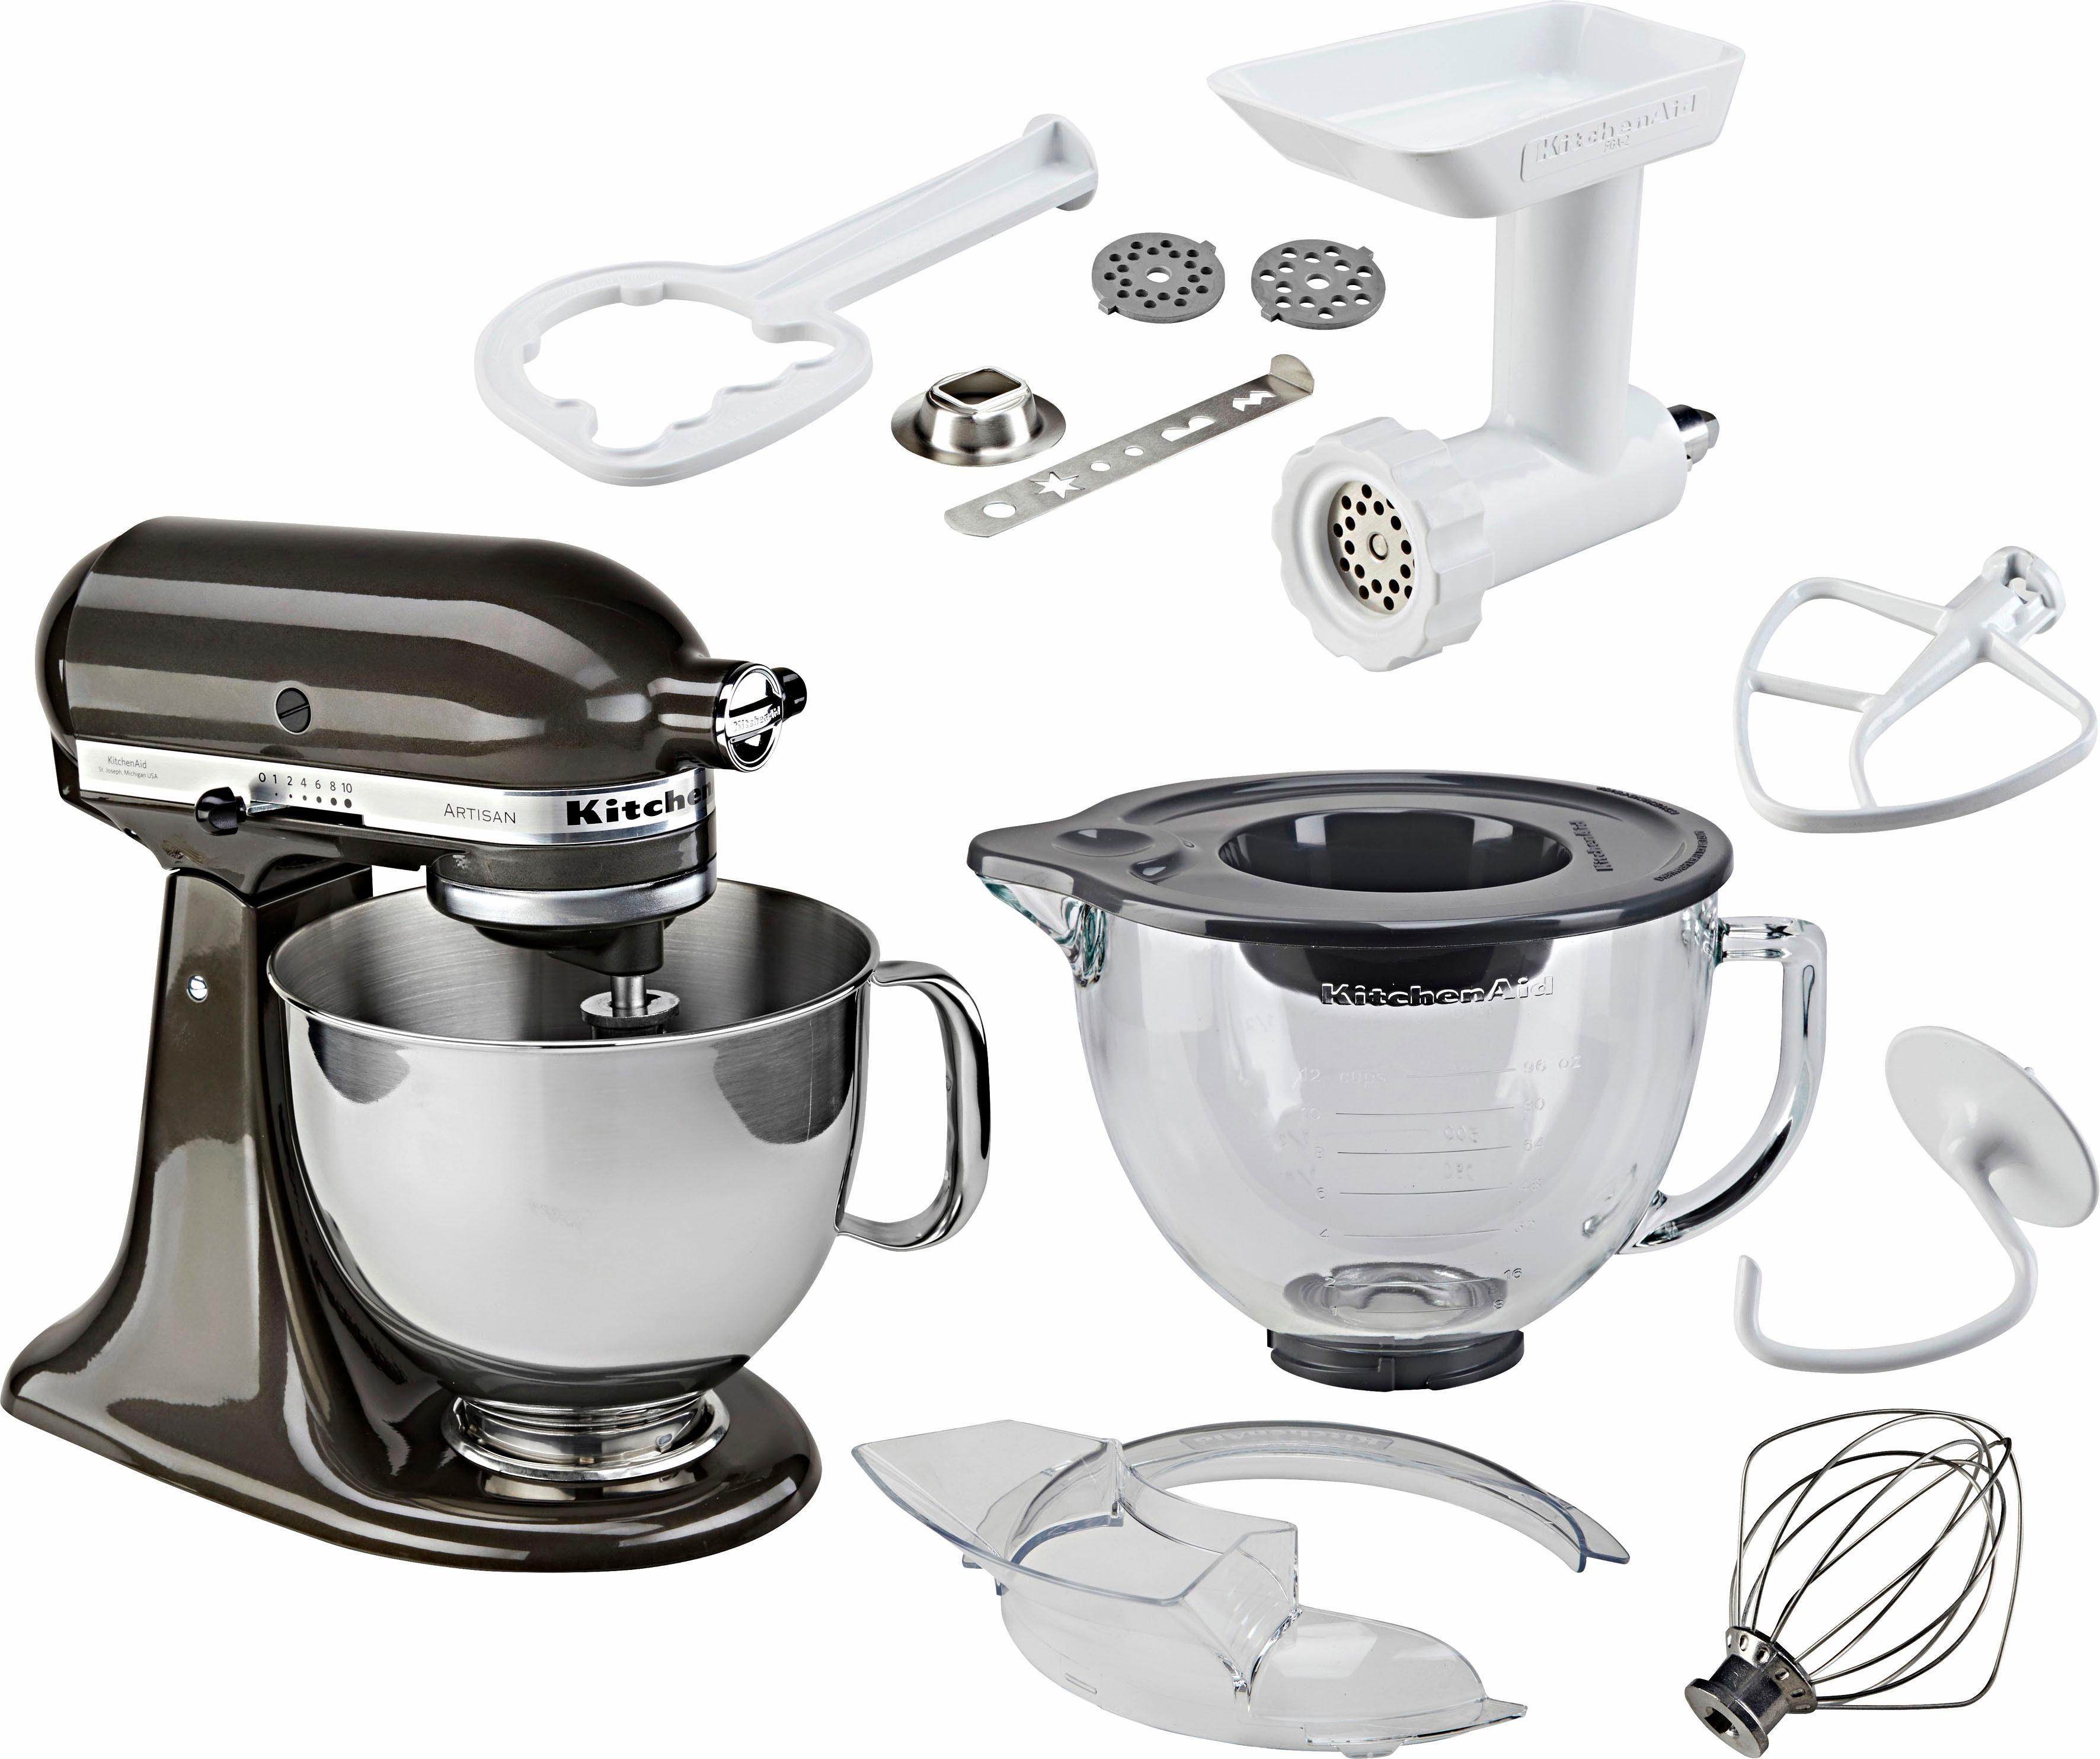 KitchenAid Küchenmaschine Artisan 5KSM156EBZ, 300 W, 4,83 l Schüssel, mit großer Glasschüssel und Sonderzubehör im Wert von ca. 205,-€